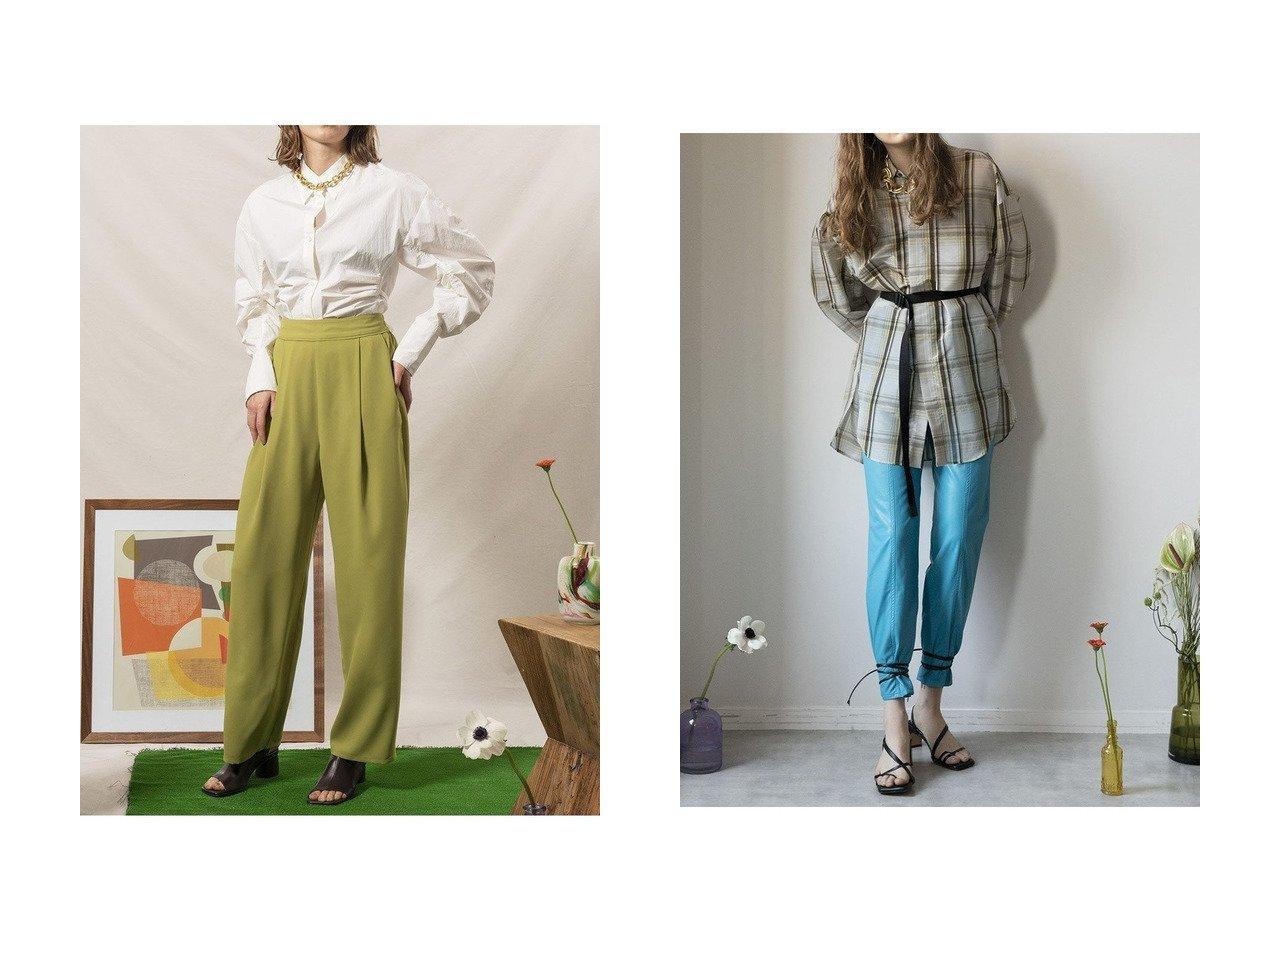 【MAISON SPECIAL/メゾンスペシャル】のシアーチェックオーバーシャツ&サーキュラースリーブシャツ トップス・カットソーのおすすめ!人気、トレンド・レディースファッションの通販  おすすめで人気の流行・トレンド、ファッションの通販商品 メンズファッション・キッズファッション・インテリア・家具・レディースファッション・服の通販 founy(ファニー) https://founy.com/ ファッション Fashion レディースファッション WOMEN トップス カットソー Tops Tshirt シャツ/ブラウス Shirts Blouses インナー 春 Spring ギャザー ショルダー ショーツ スリーブ タフタ ダウン デニム ドローストリング ミドル ロング 2021年 2021 S/S 春夏 SS Spring/Summer 2021 春夏 S/S SS Spring/Summer 2021 おすすめ Recommend |ID:crp329100000025141